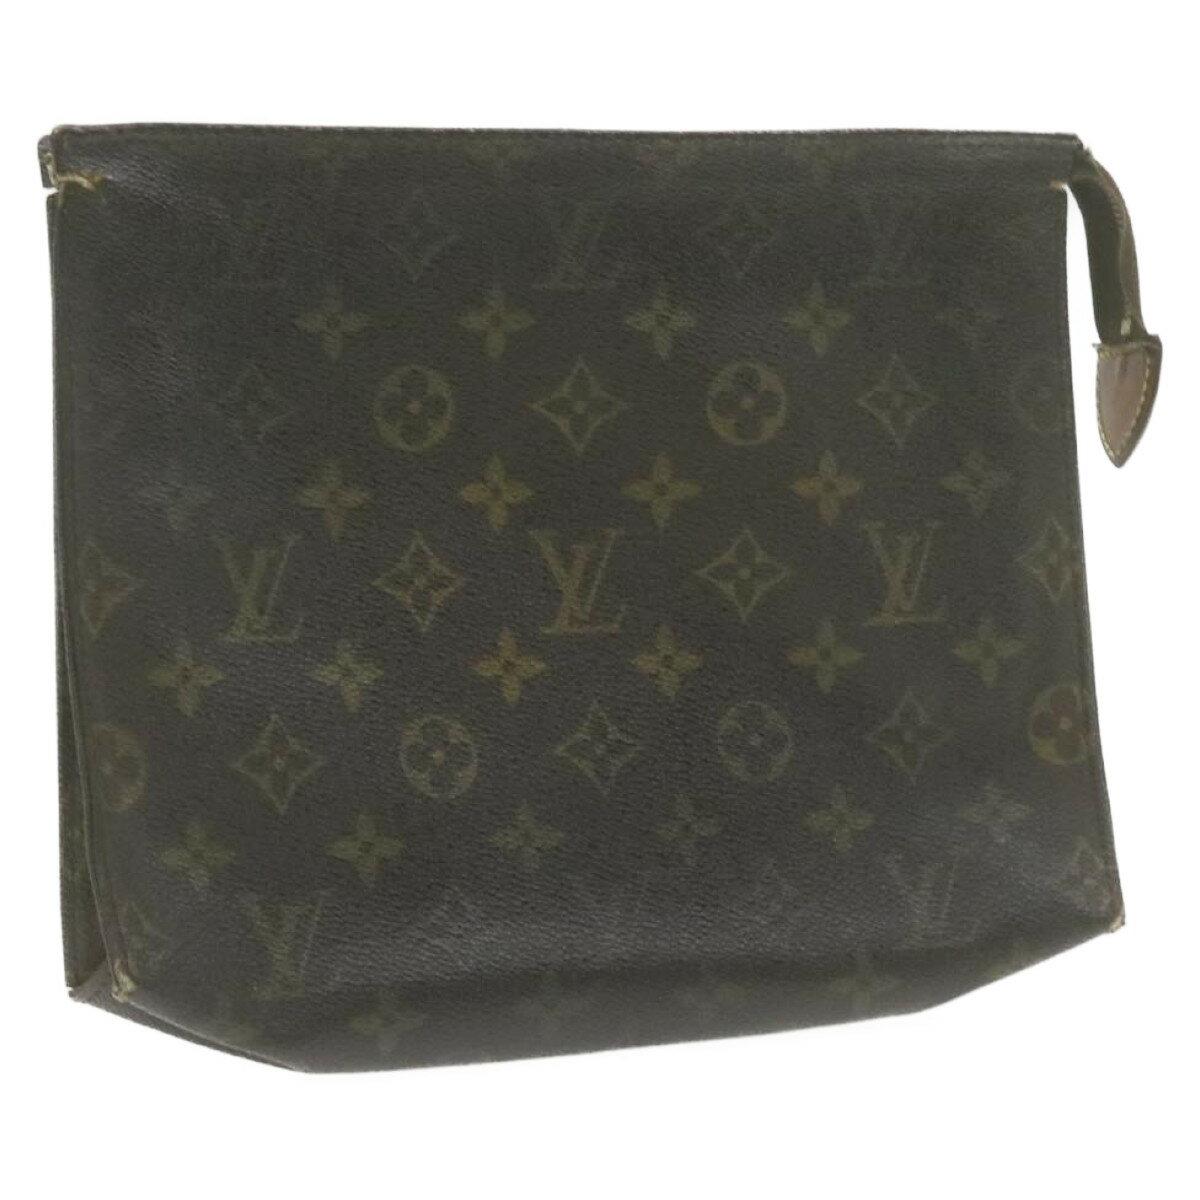 レディースバッグ, アクセサリーポーチ  LOUIS VUITTON 26 M47542 th1334